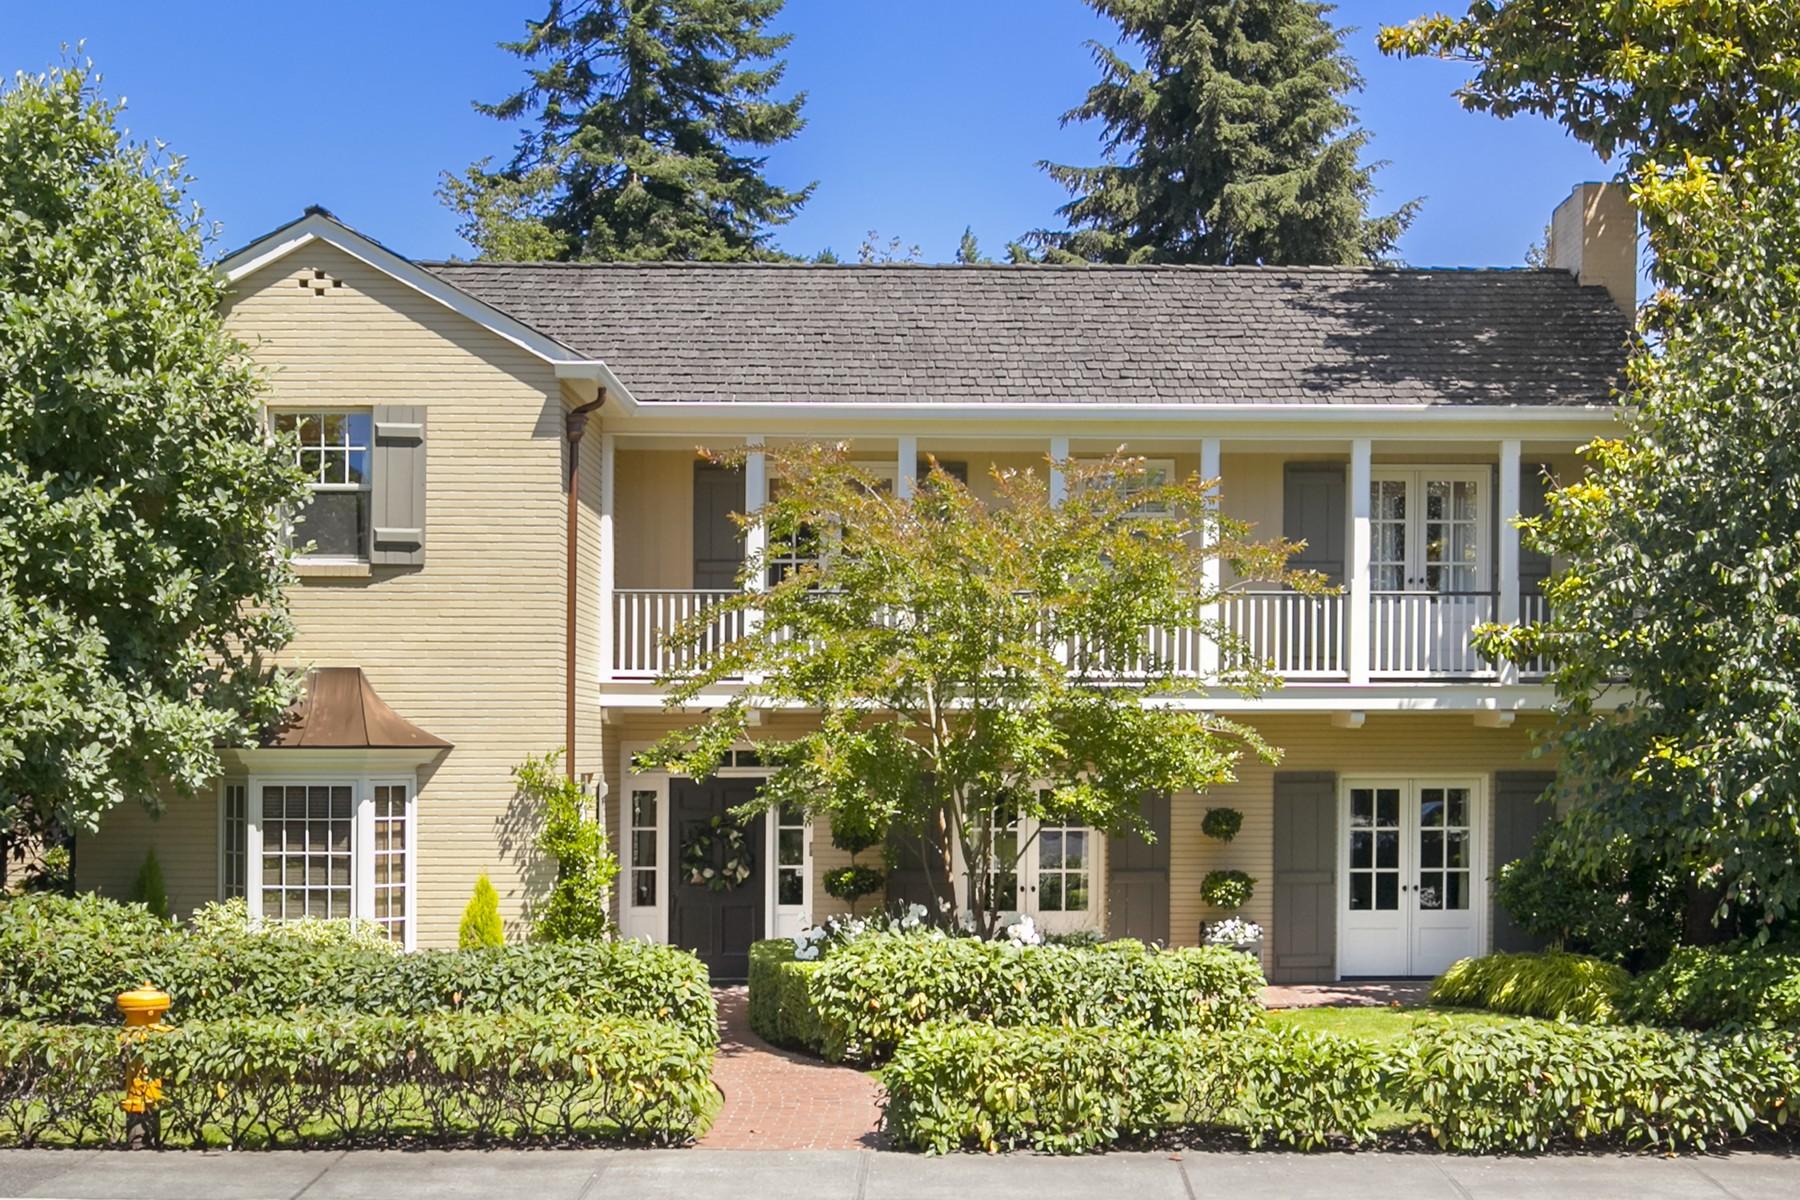 Частный односемейный дом для того Продажа на 1550 Shenandoah Dr E Seattle, Вашингтон 98112 Соединенные Штаты